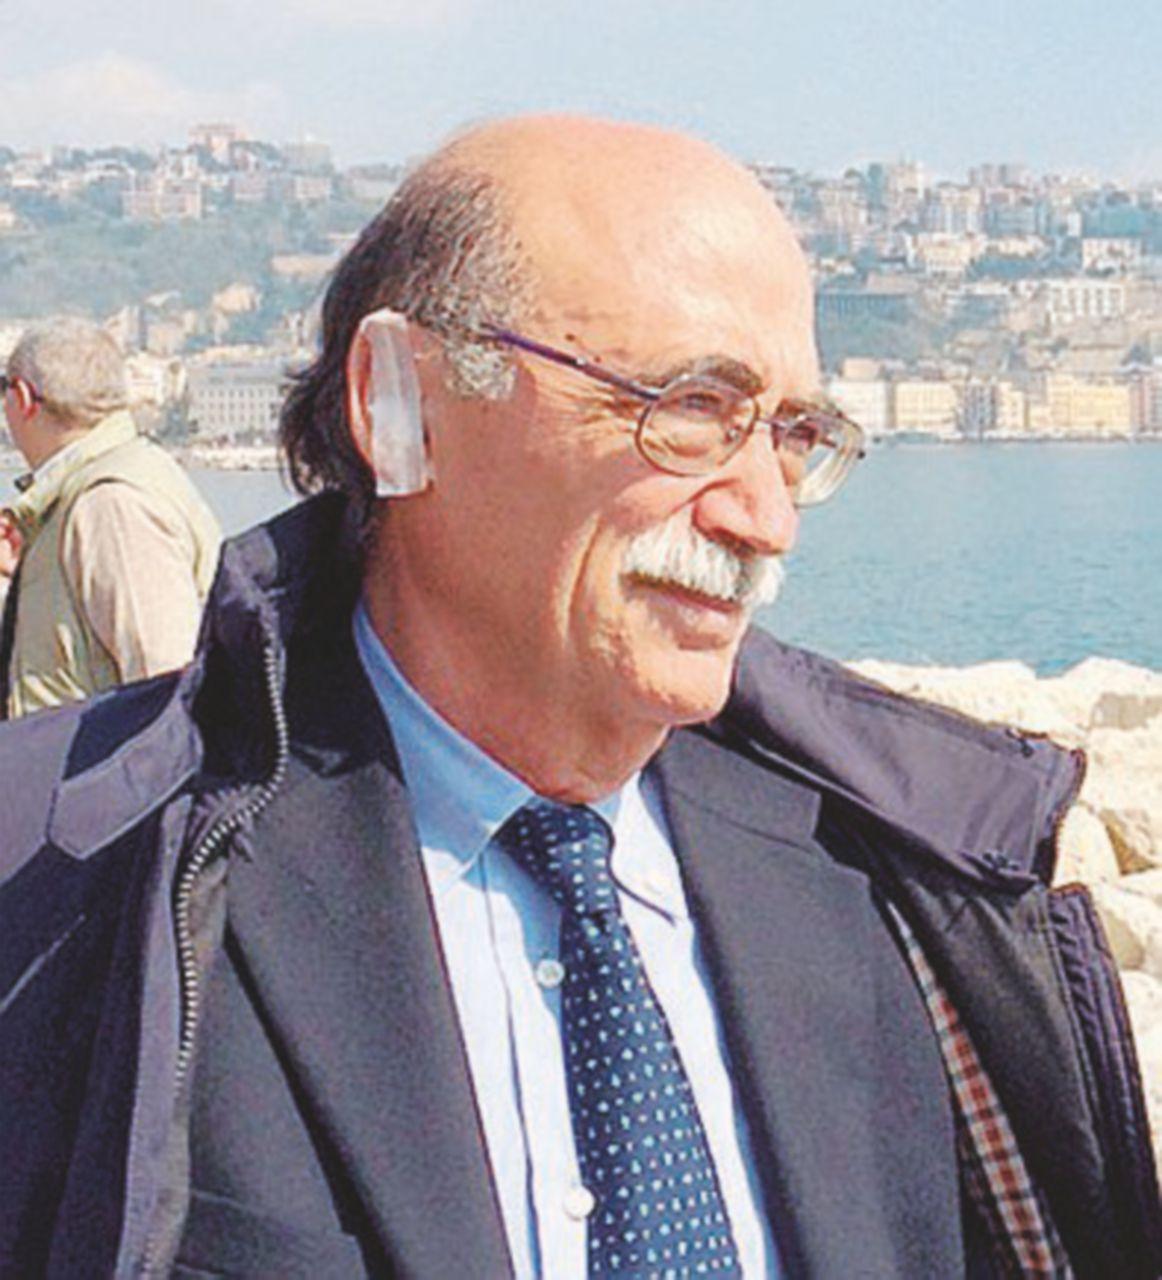 Ugo Cedrangolo, il manager umanista: un po' Masaniello, un po' Eratostene